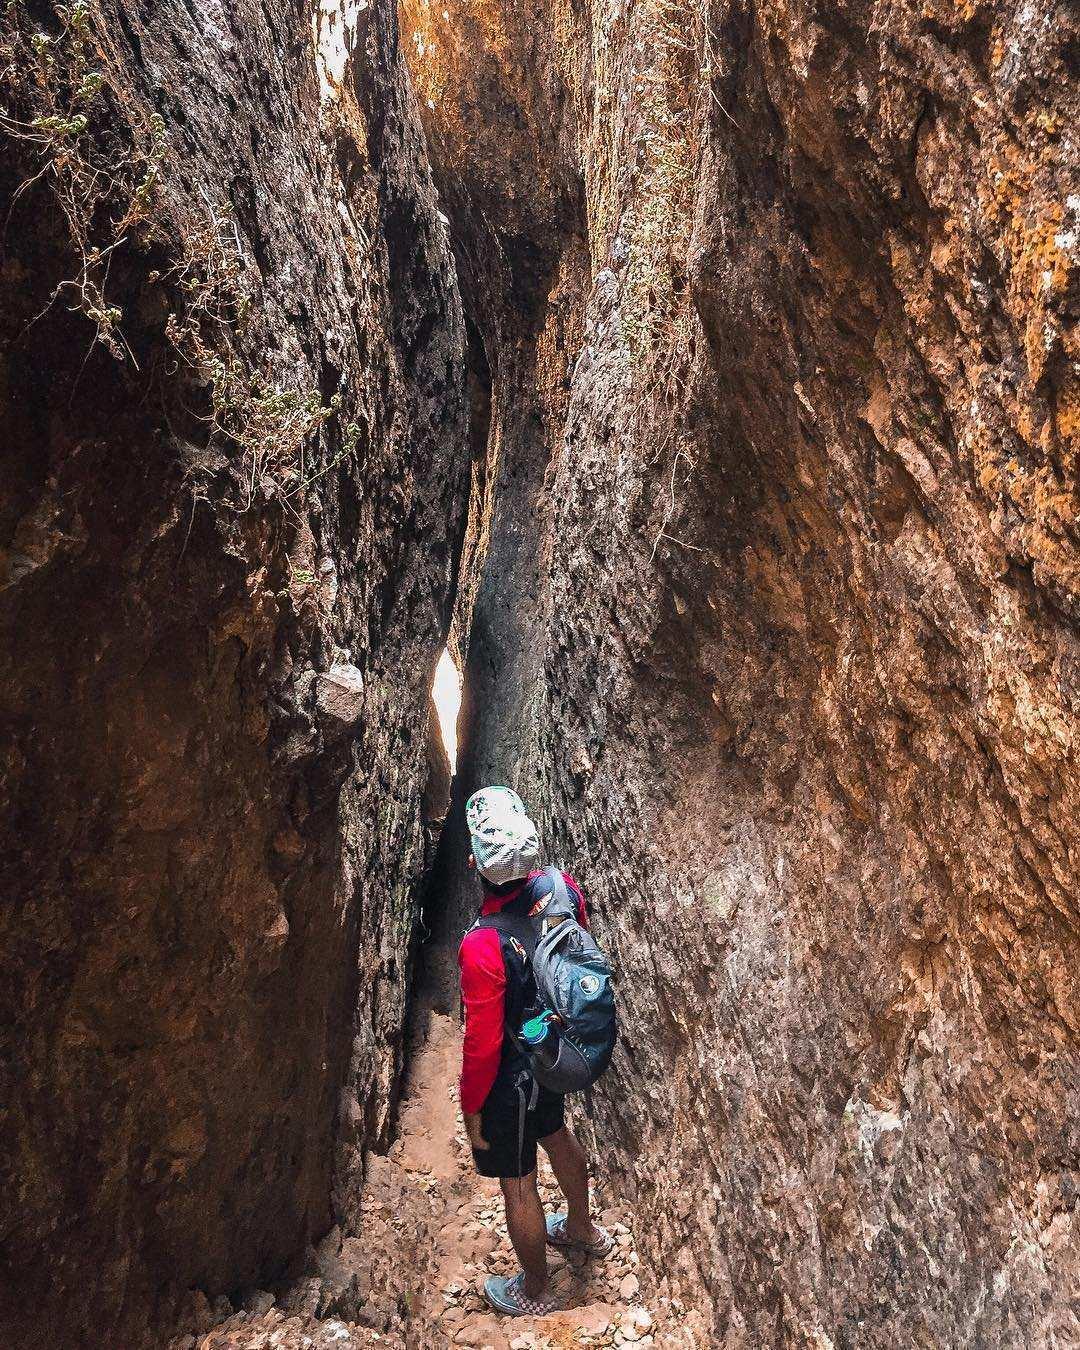 Jalur Pendakian Yang Sempit di Celah Tebing Gunung Api Purba, Image From @crystalvalensia